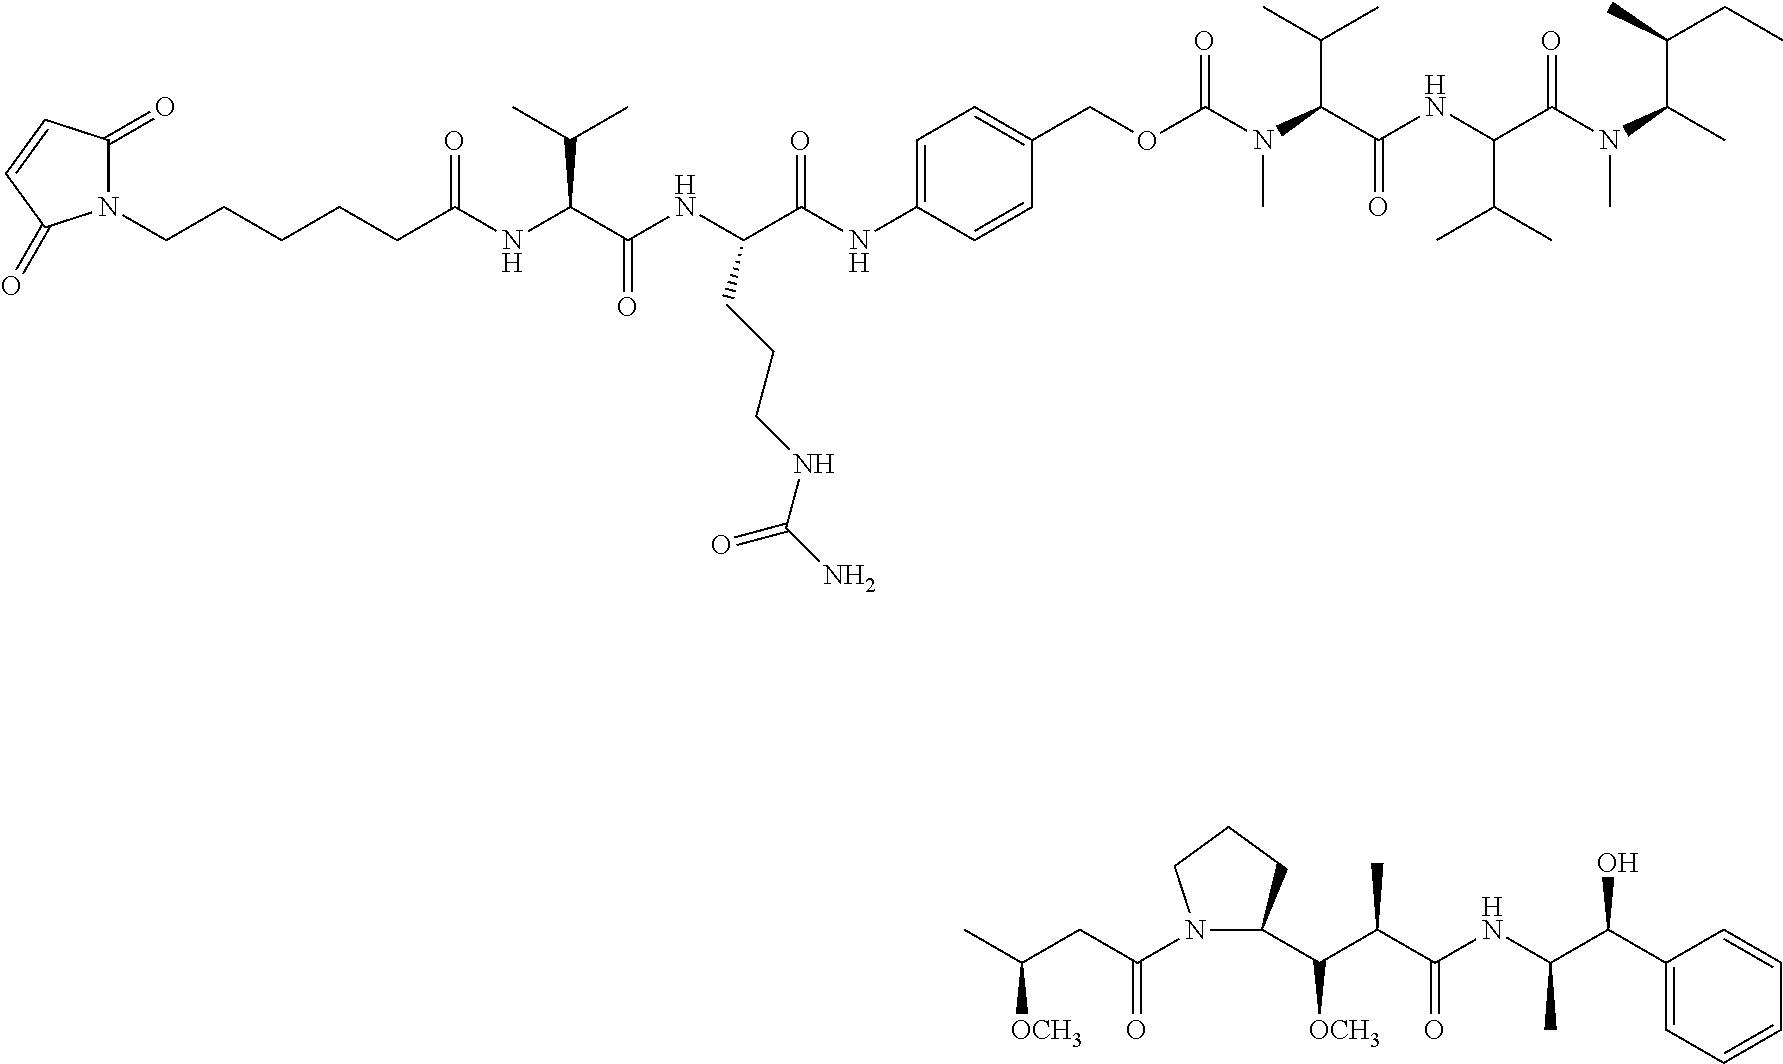 Figure US09695240-20170704-C00112